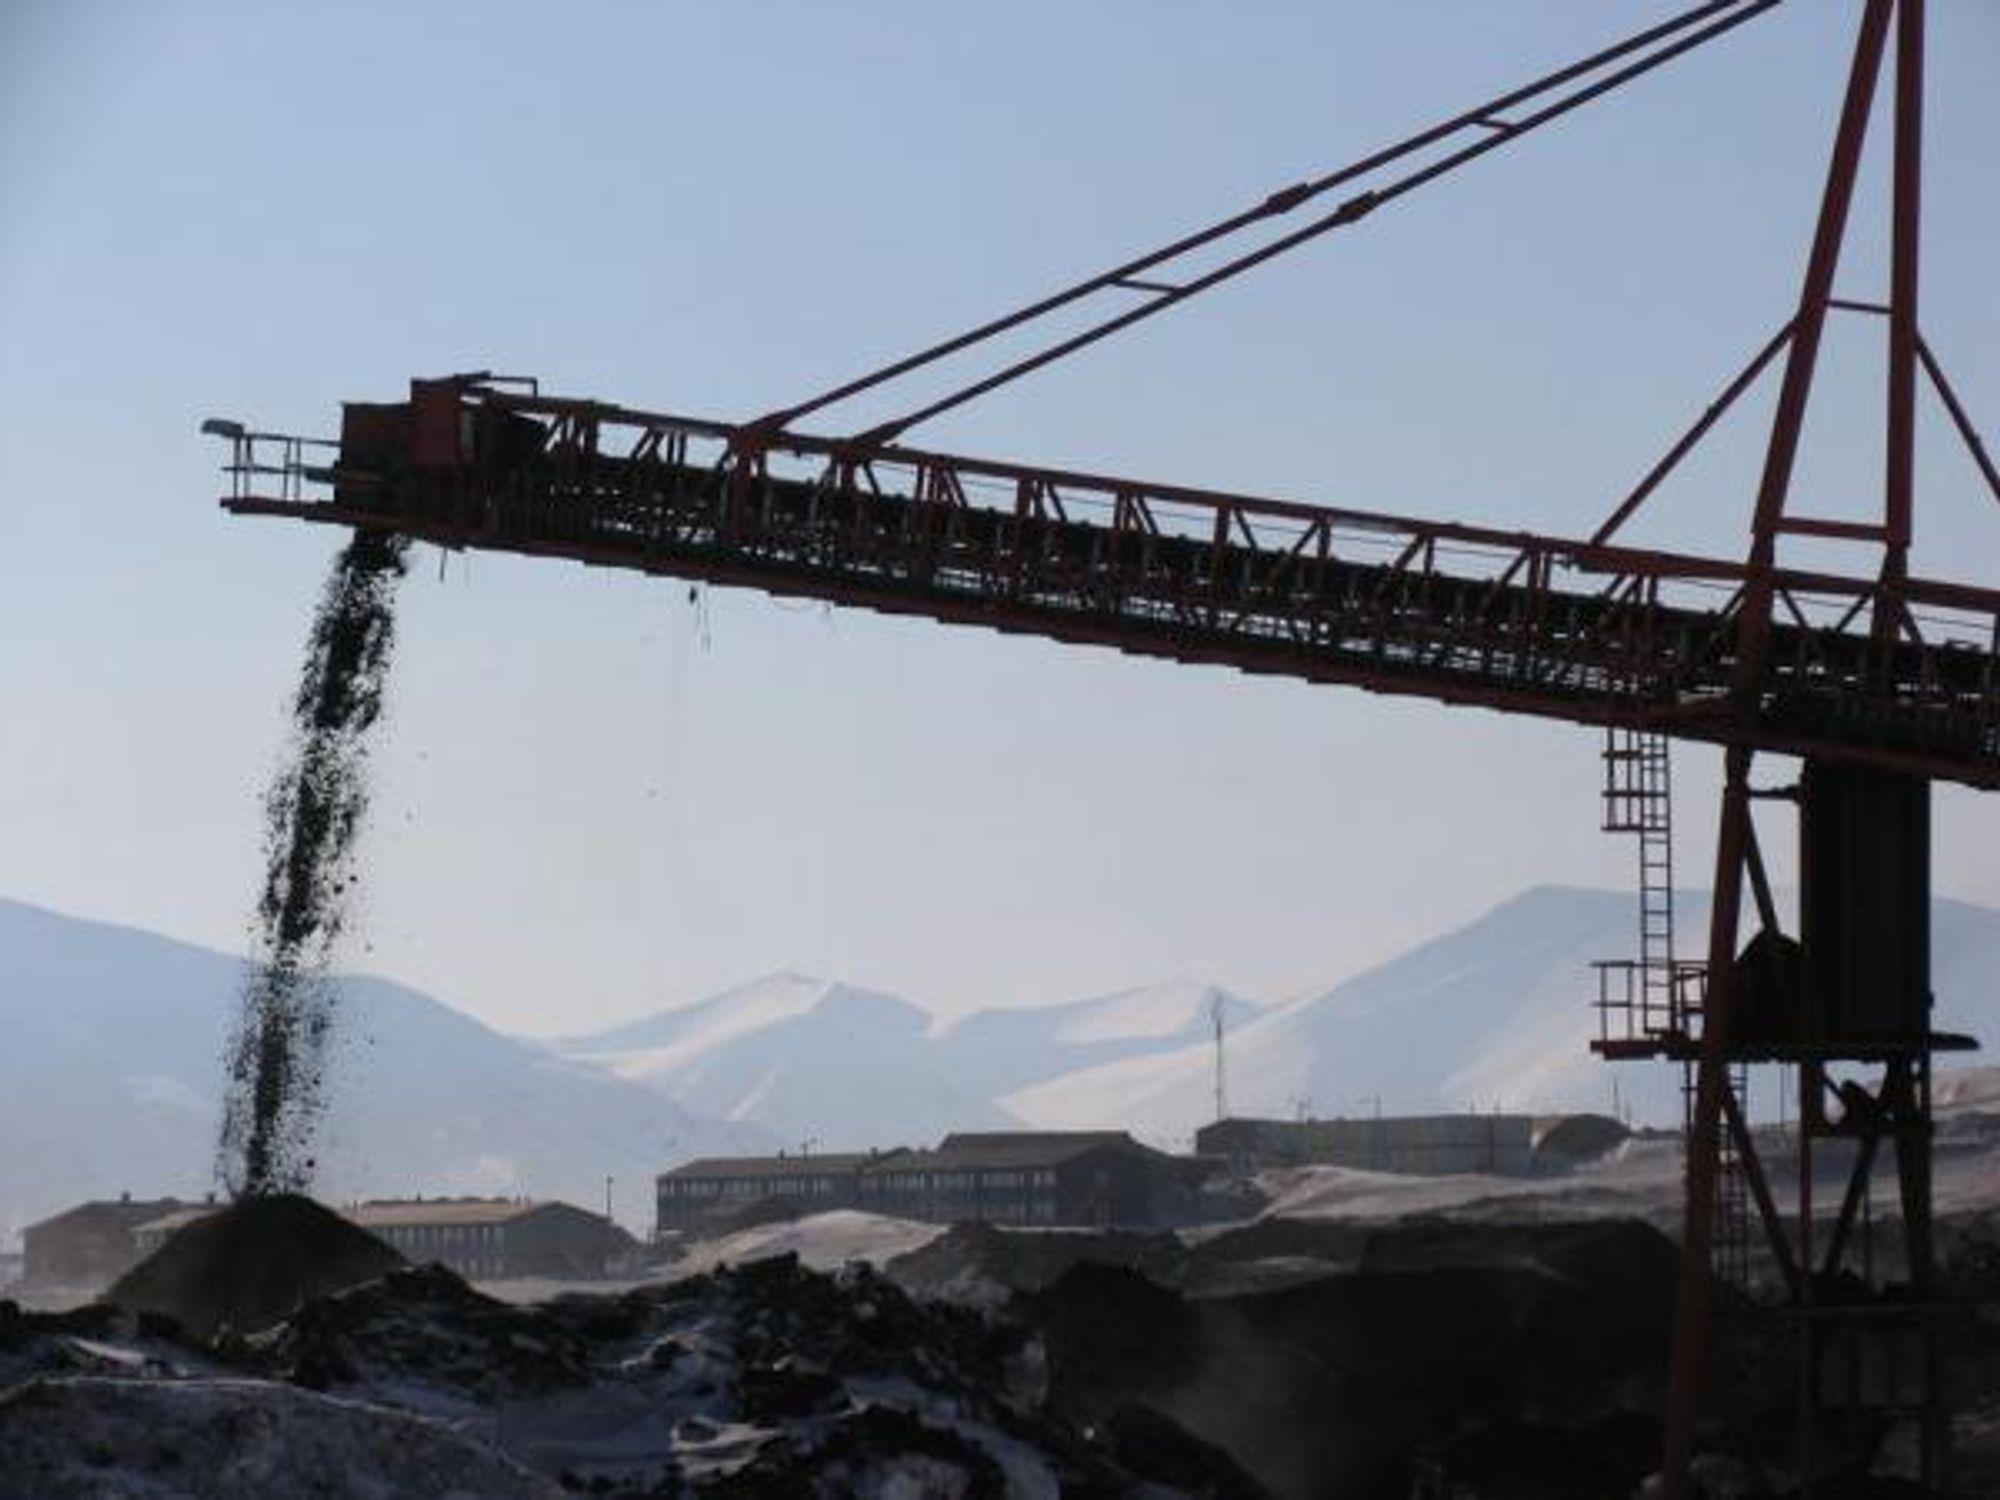 KULLKRAFT: Kullkraftverkene på Svalbard står for størsteparten av klimautslippene på øya. Klima- og forurensningsdirektoratet er bekymret for de økte utslippene, særlig av sot som kan føre til økt issmelting i arktiske strøk.